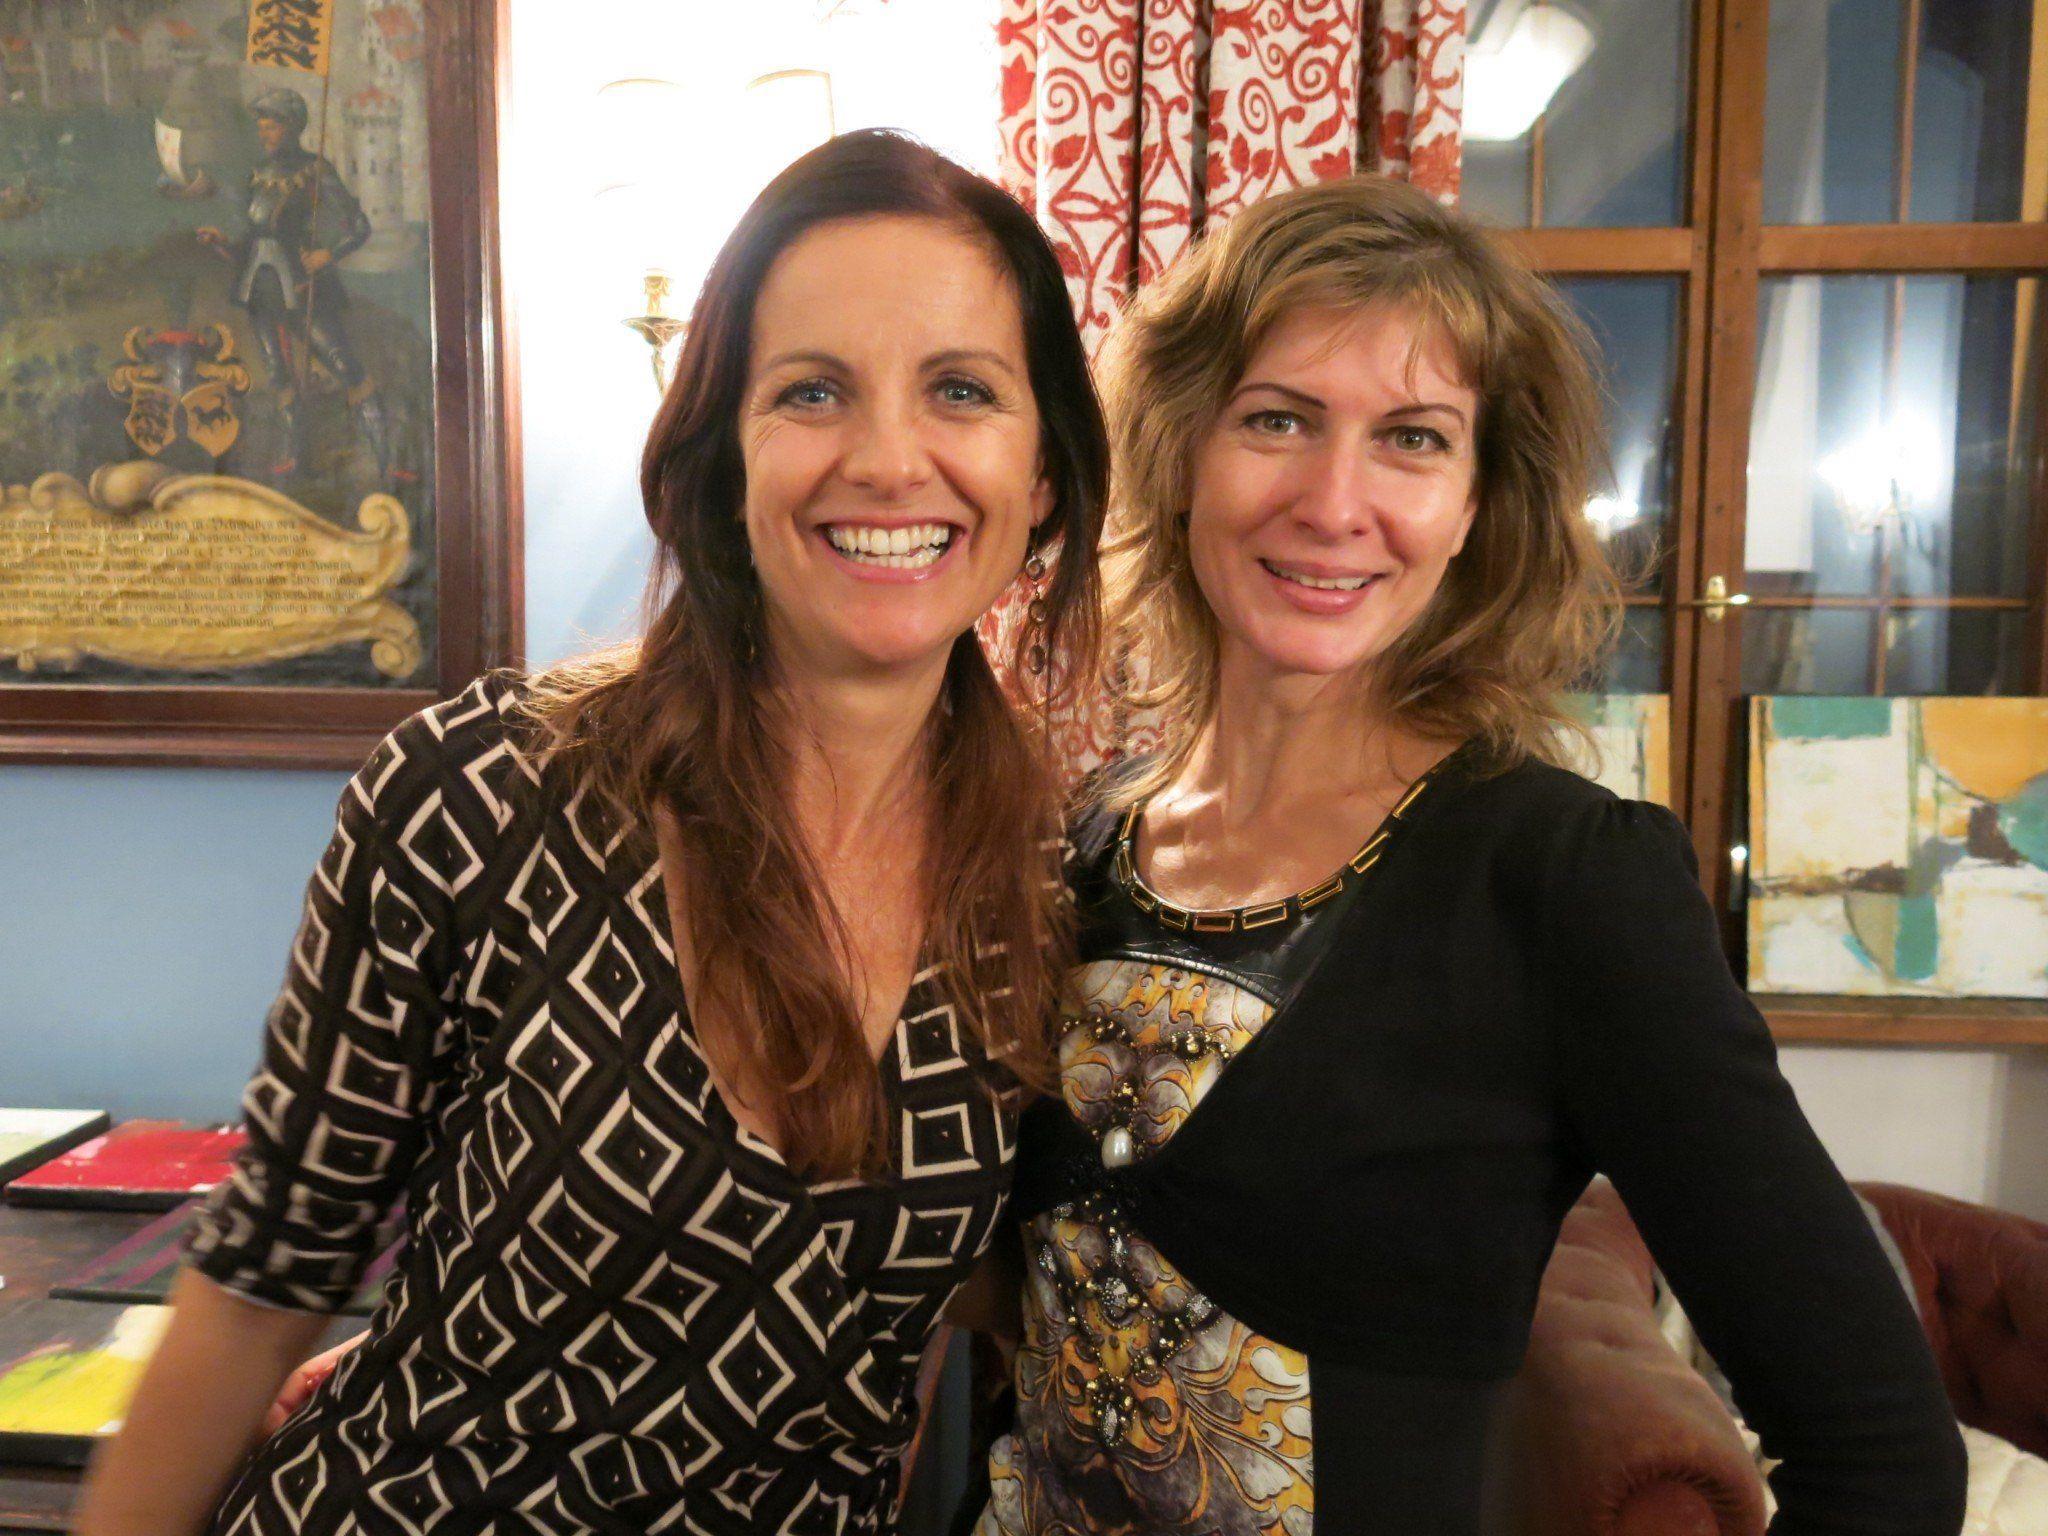 Esther Renata Mathis und Christin van Geuze präsentieren ihre Kunst im Palast